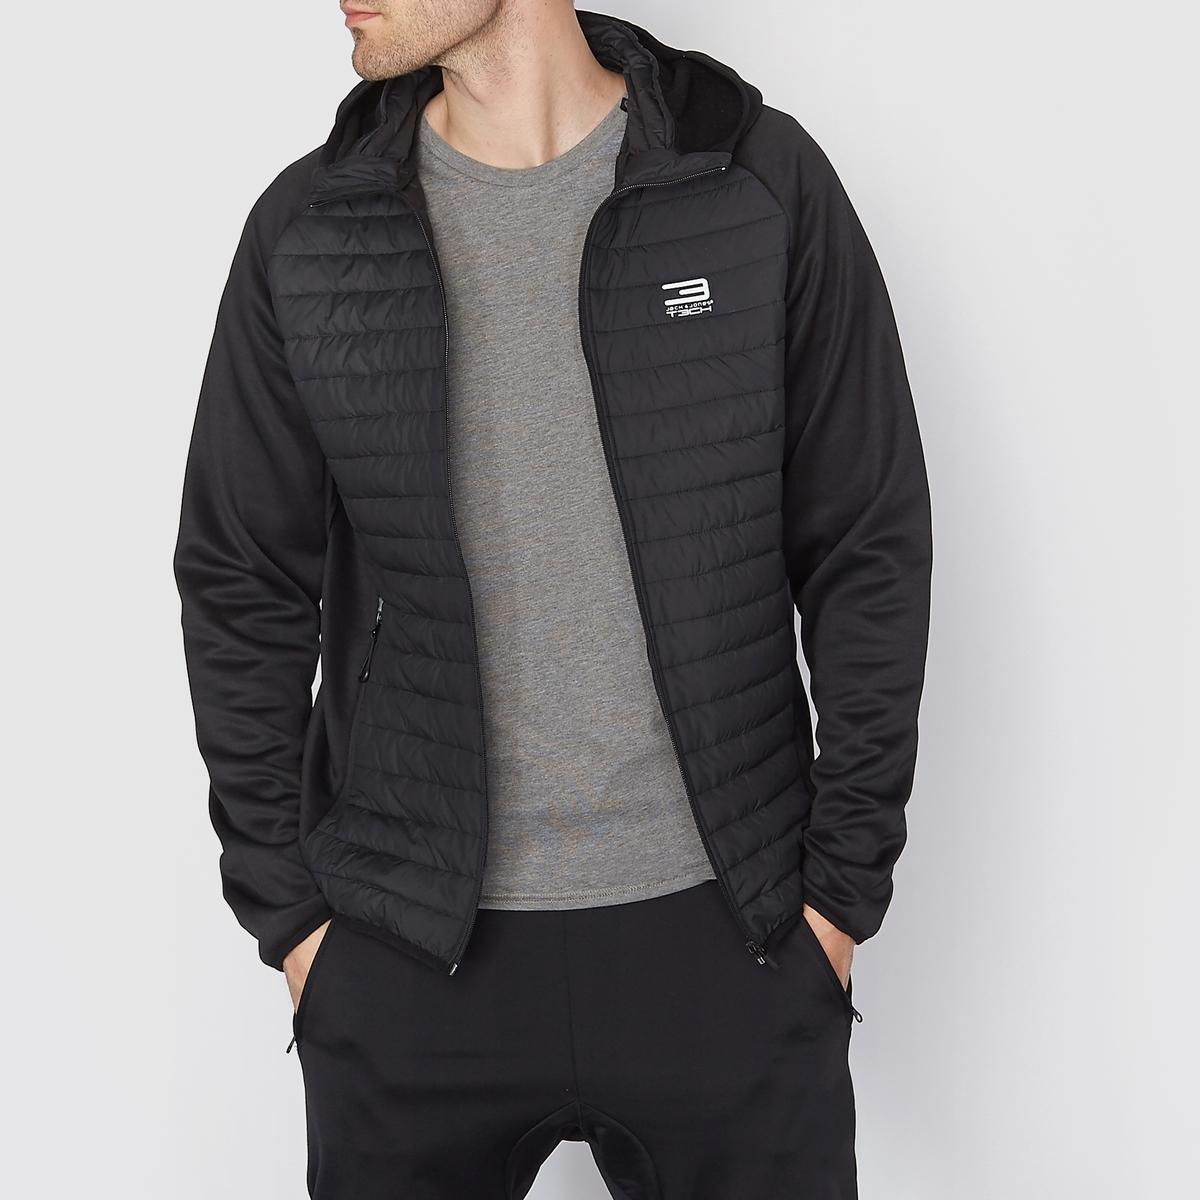 Куртка стеганая с капюшономСостав и описаниеМатериал : Ткань с водоотталкивающей пропиткой 100% полиэстераМарка : JACK &amp; JONES<br><br>Цвет: черный<br>Размер: XL.L